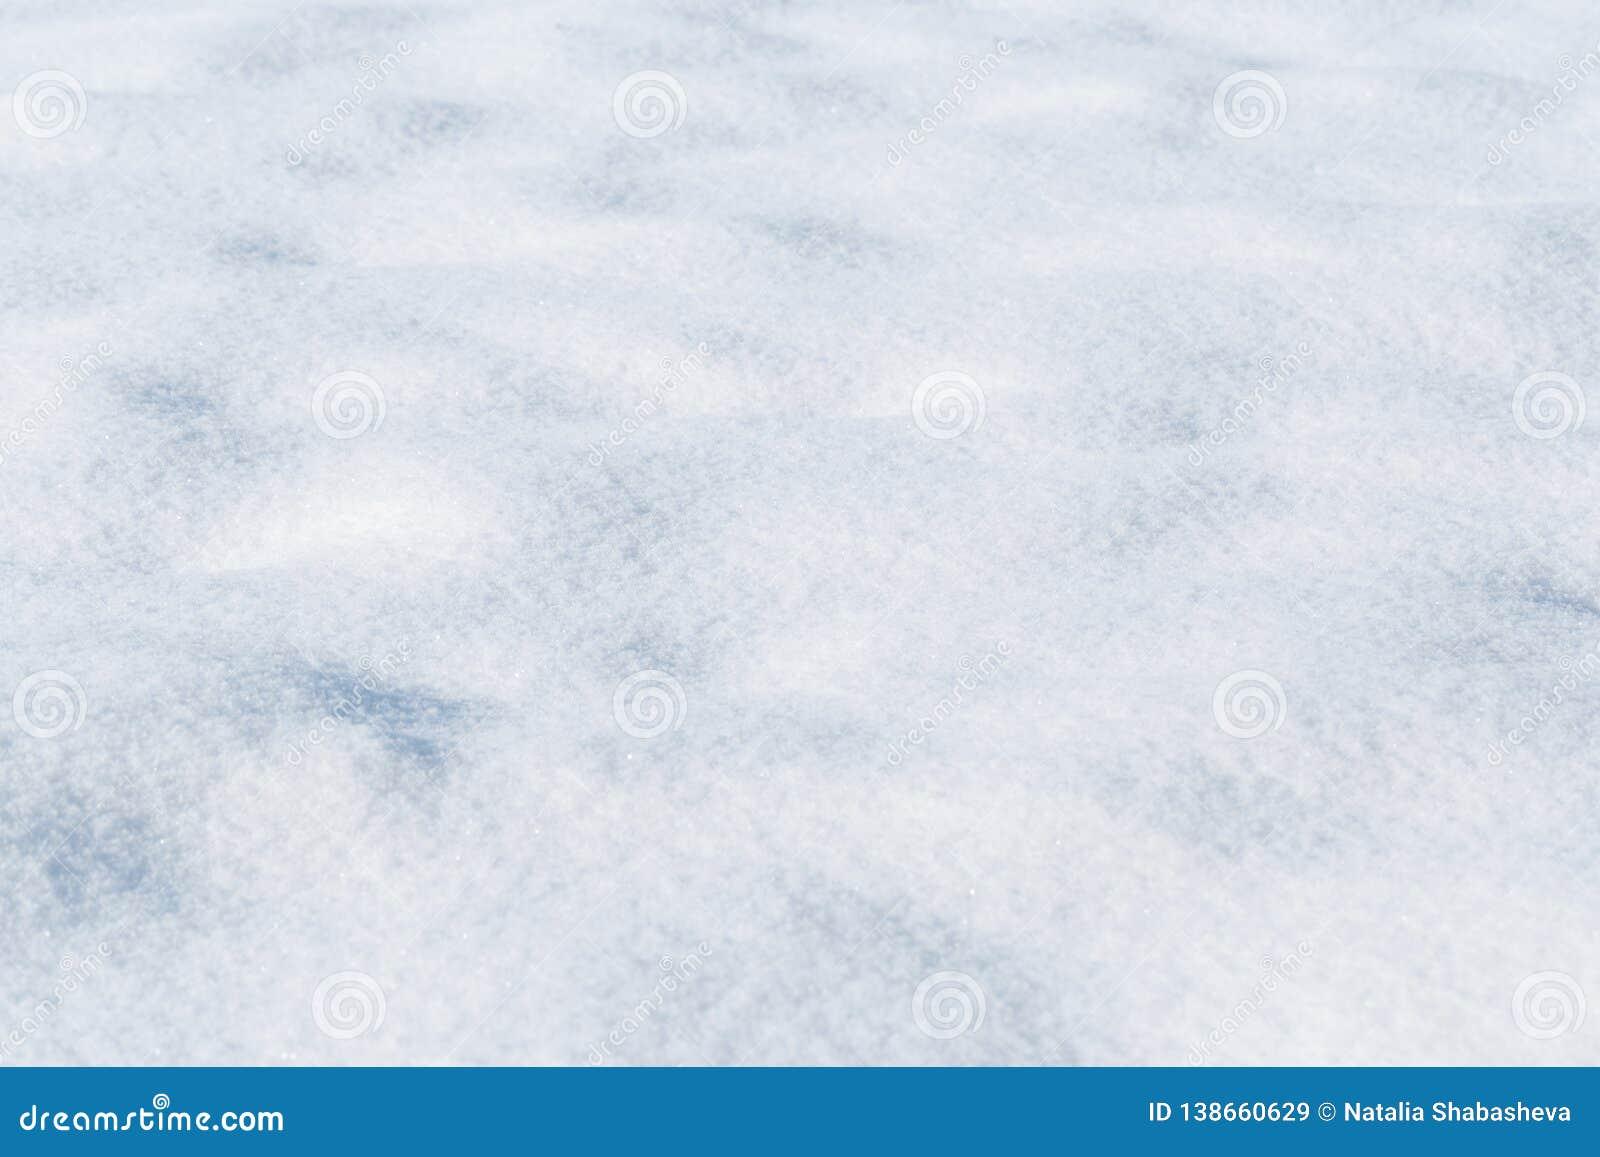 Fundo da textura fresca da neve no tom azul